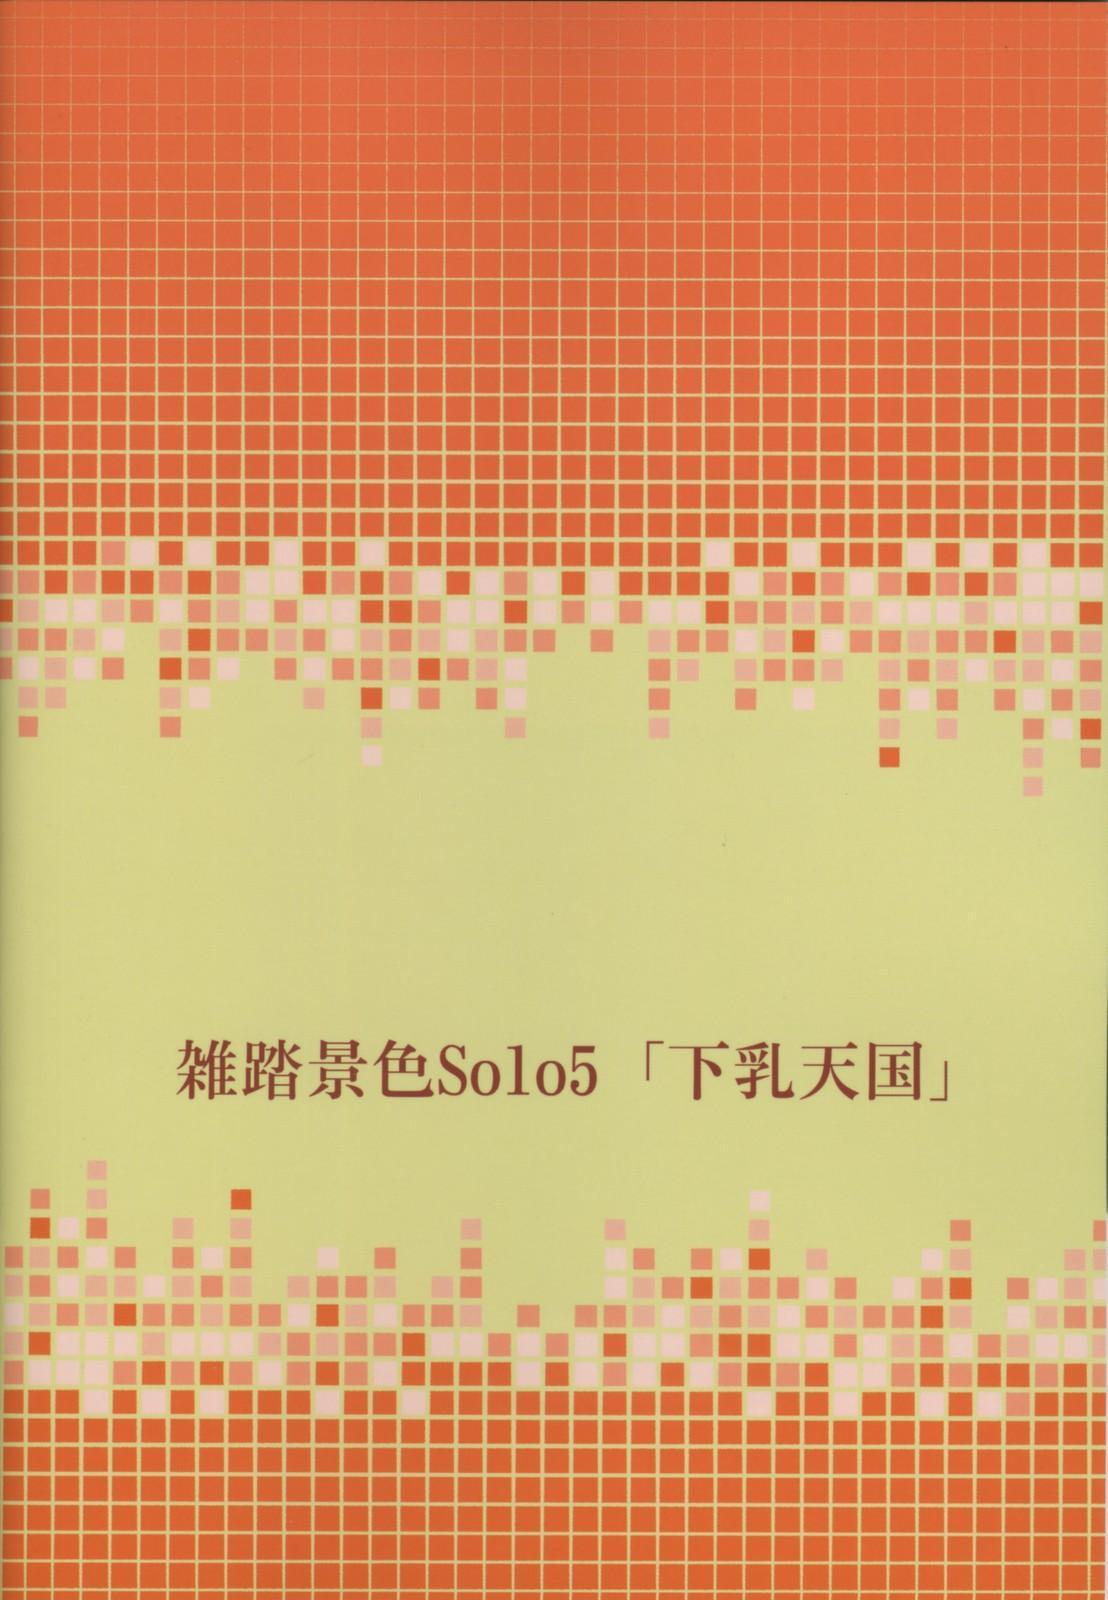 Zattou Keshiki Solo 5 Shitachichi Tengoku 25